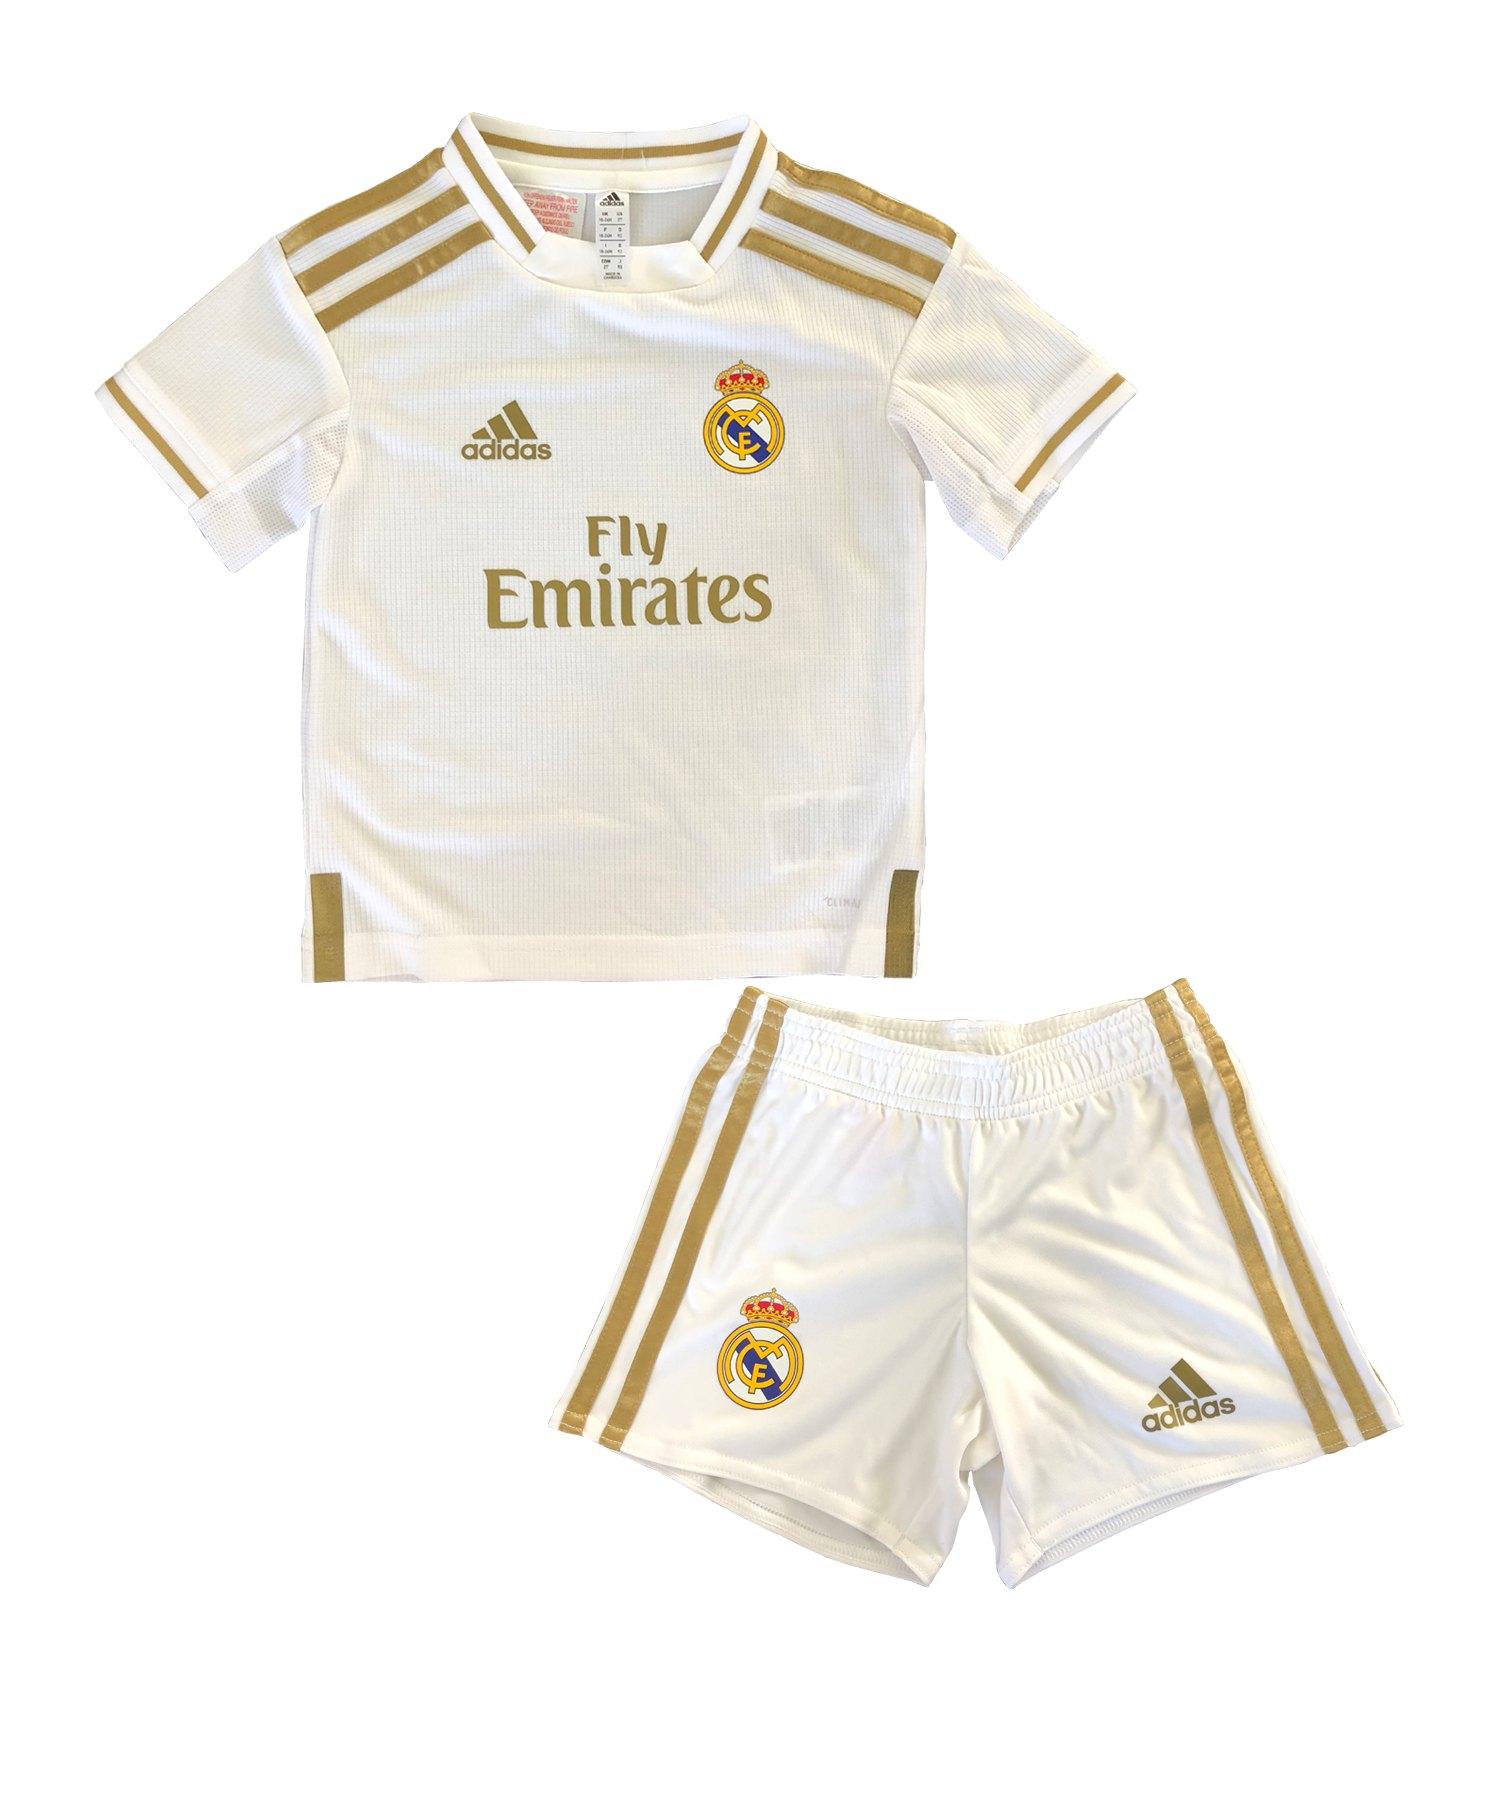 moda más deseable mejor sitio Tener cuidado de adidas Real Madrid Minikit Home 2019/2020 Weiss   Fan-Shop   Replica